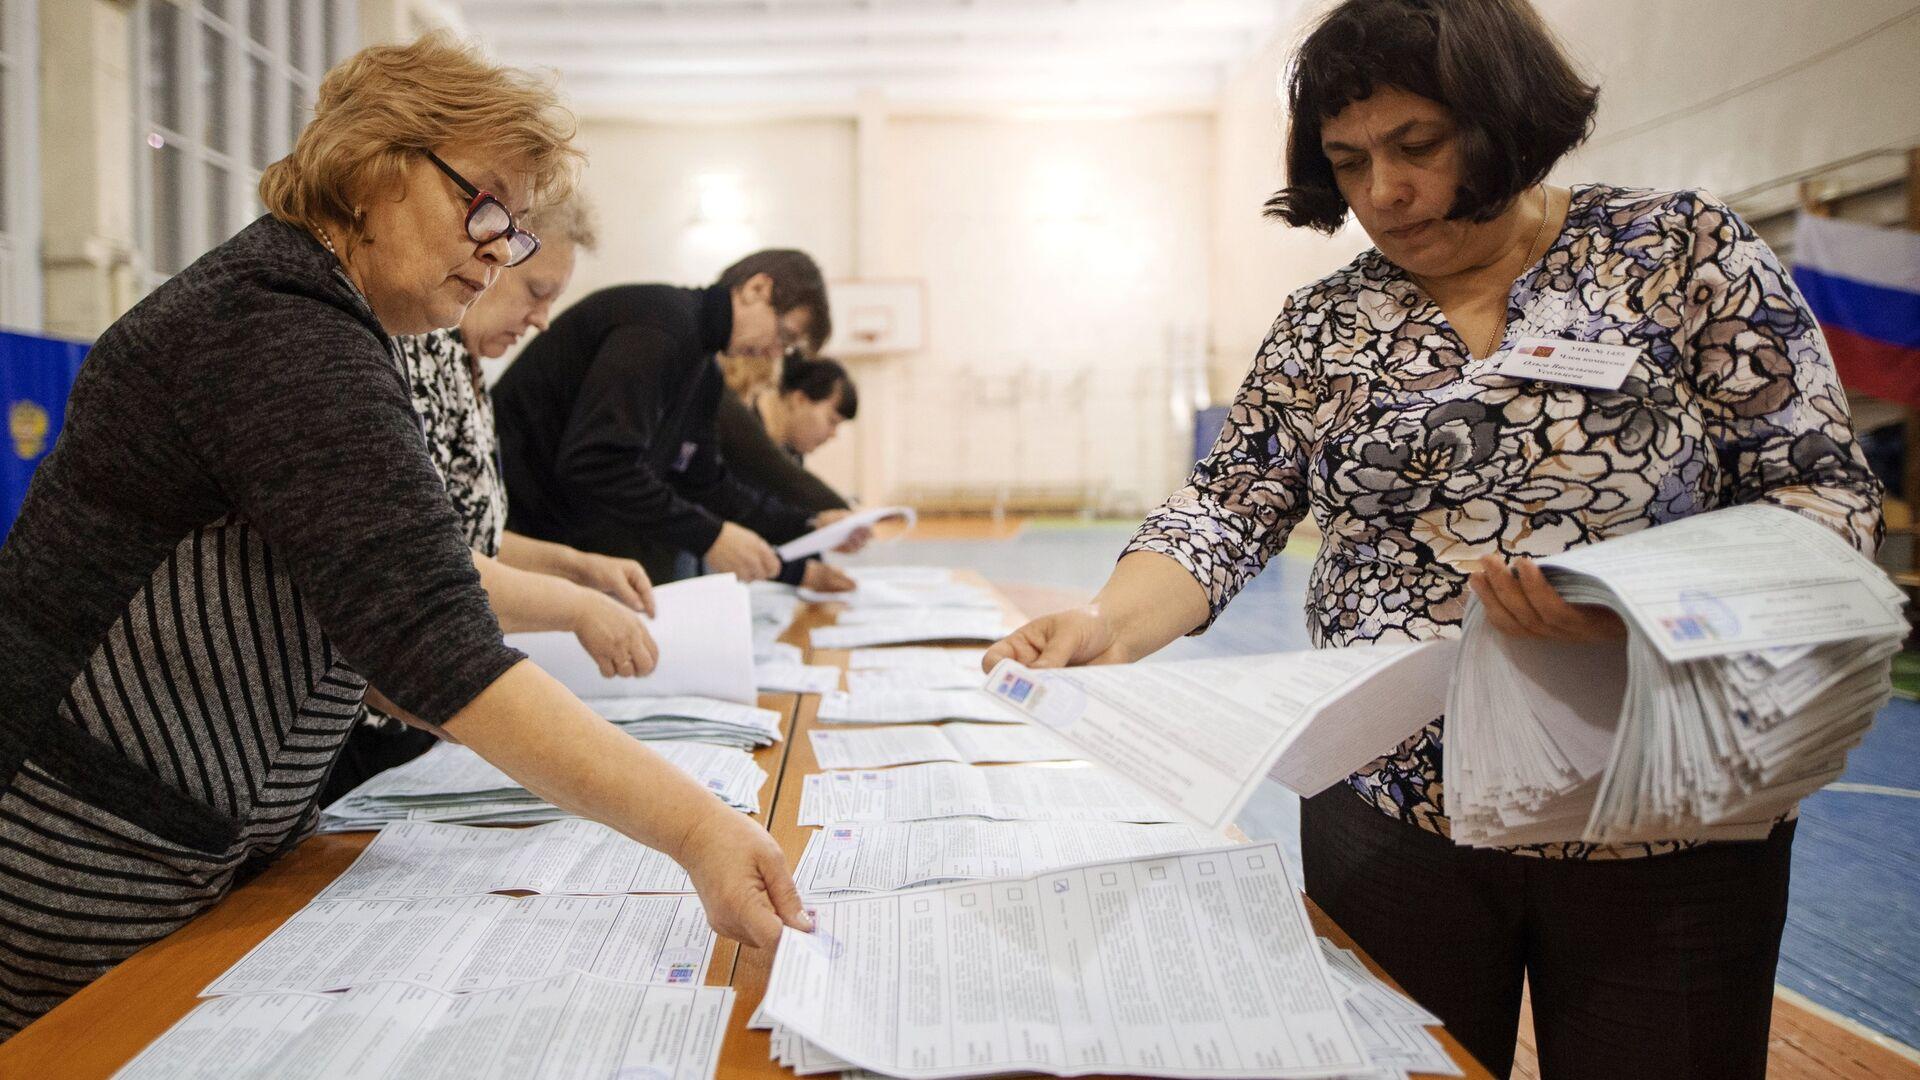 El recuento de votos en las elecciones presidenciales de Rusia - Sputnik Mundo, 1920, 17.09.2021